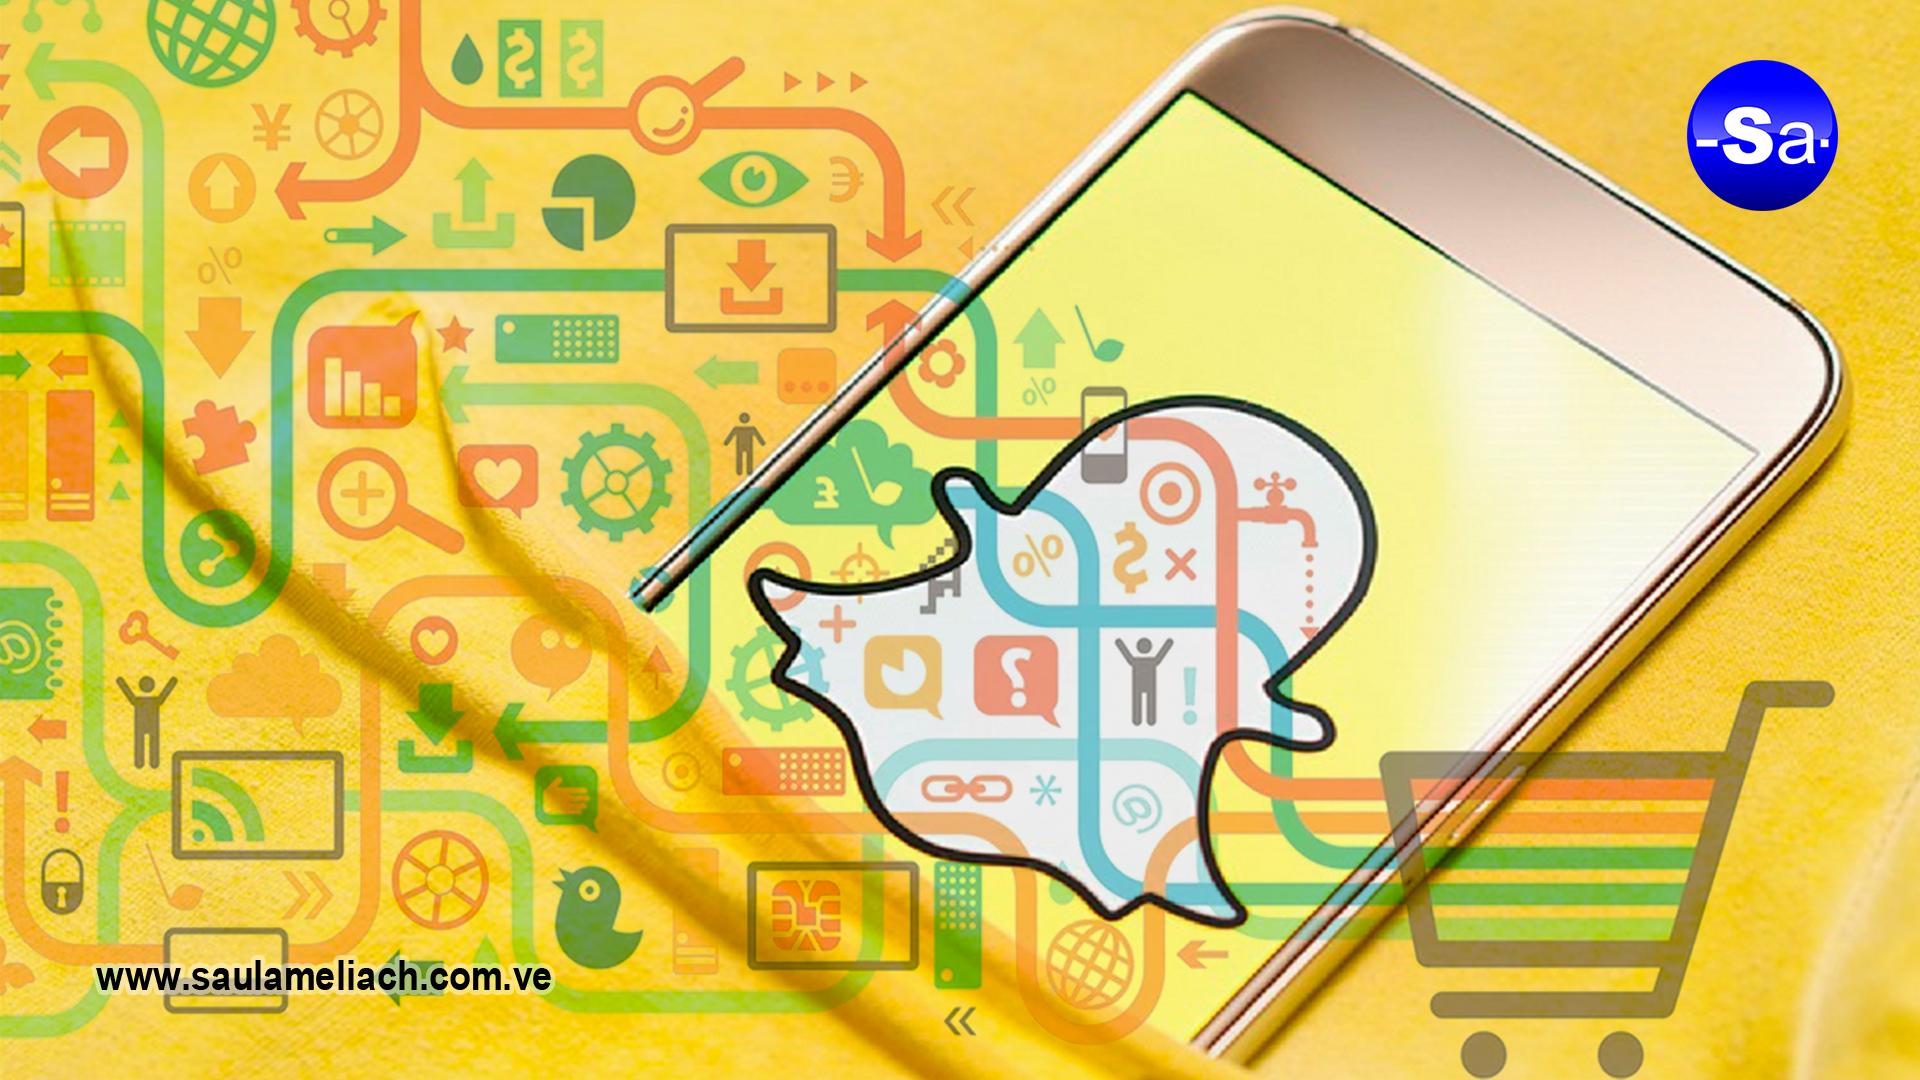 saul ameliach Snapchat nueva actualización publicitaria